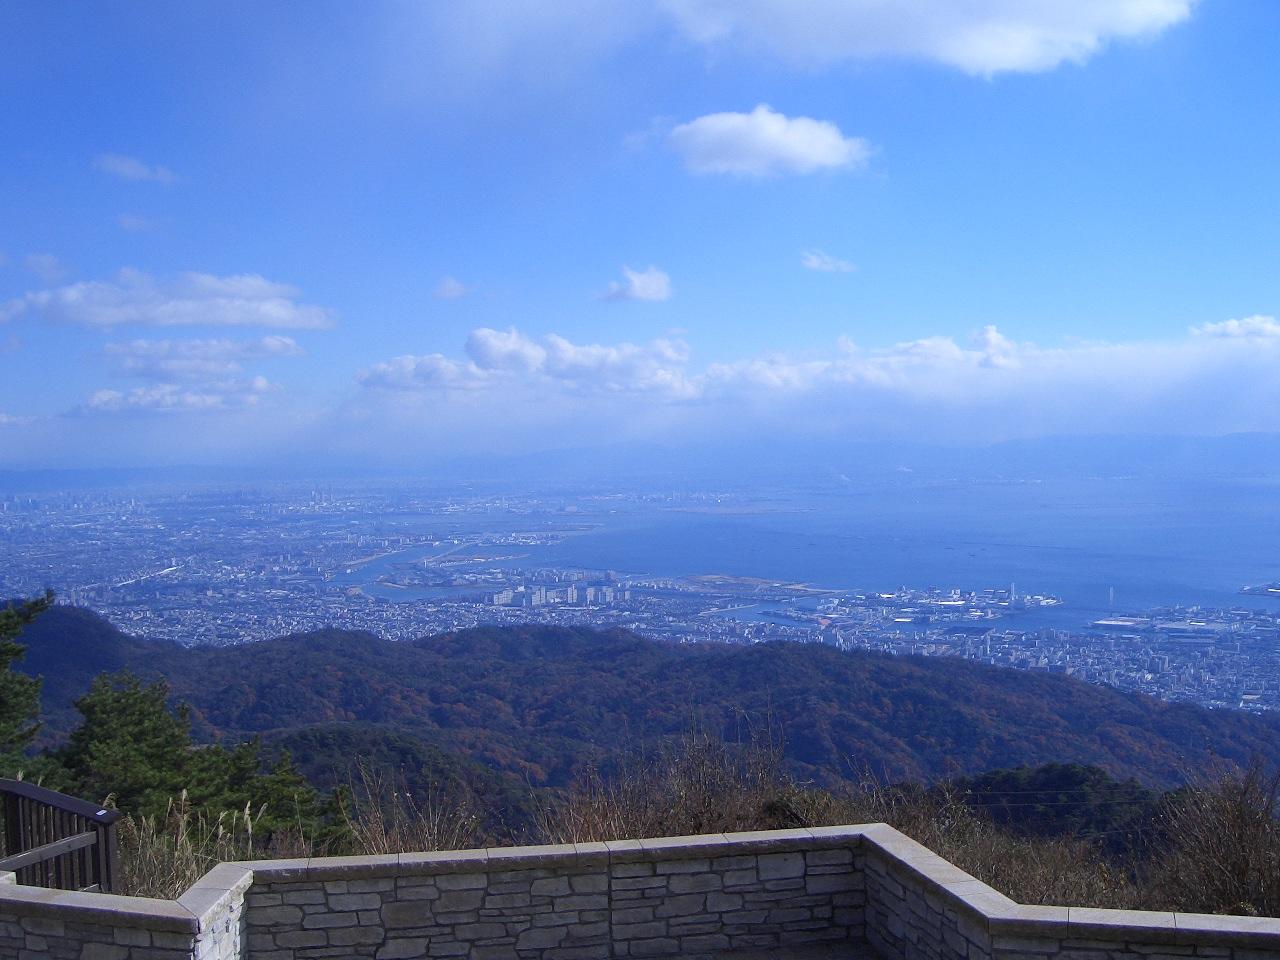 2008.12.8すじかま&ガーデンテラス 008.jpg